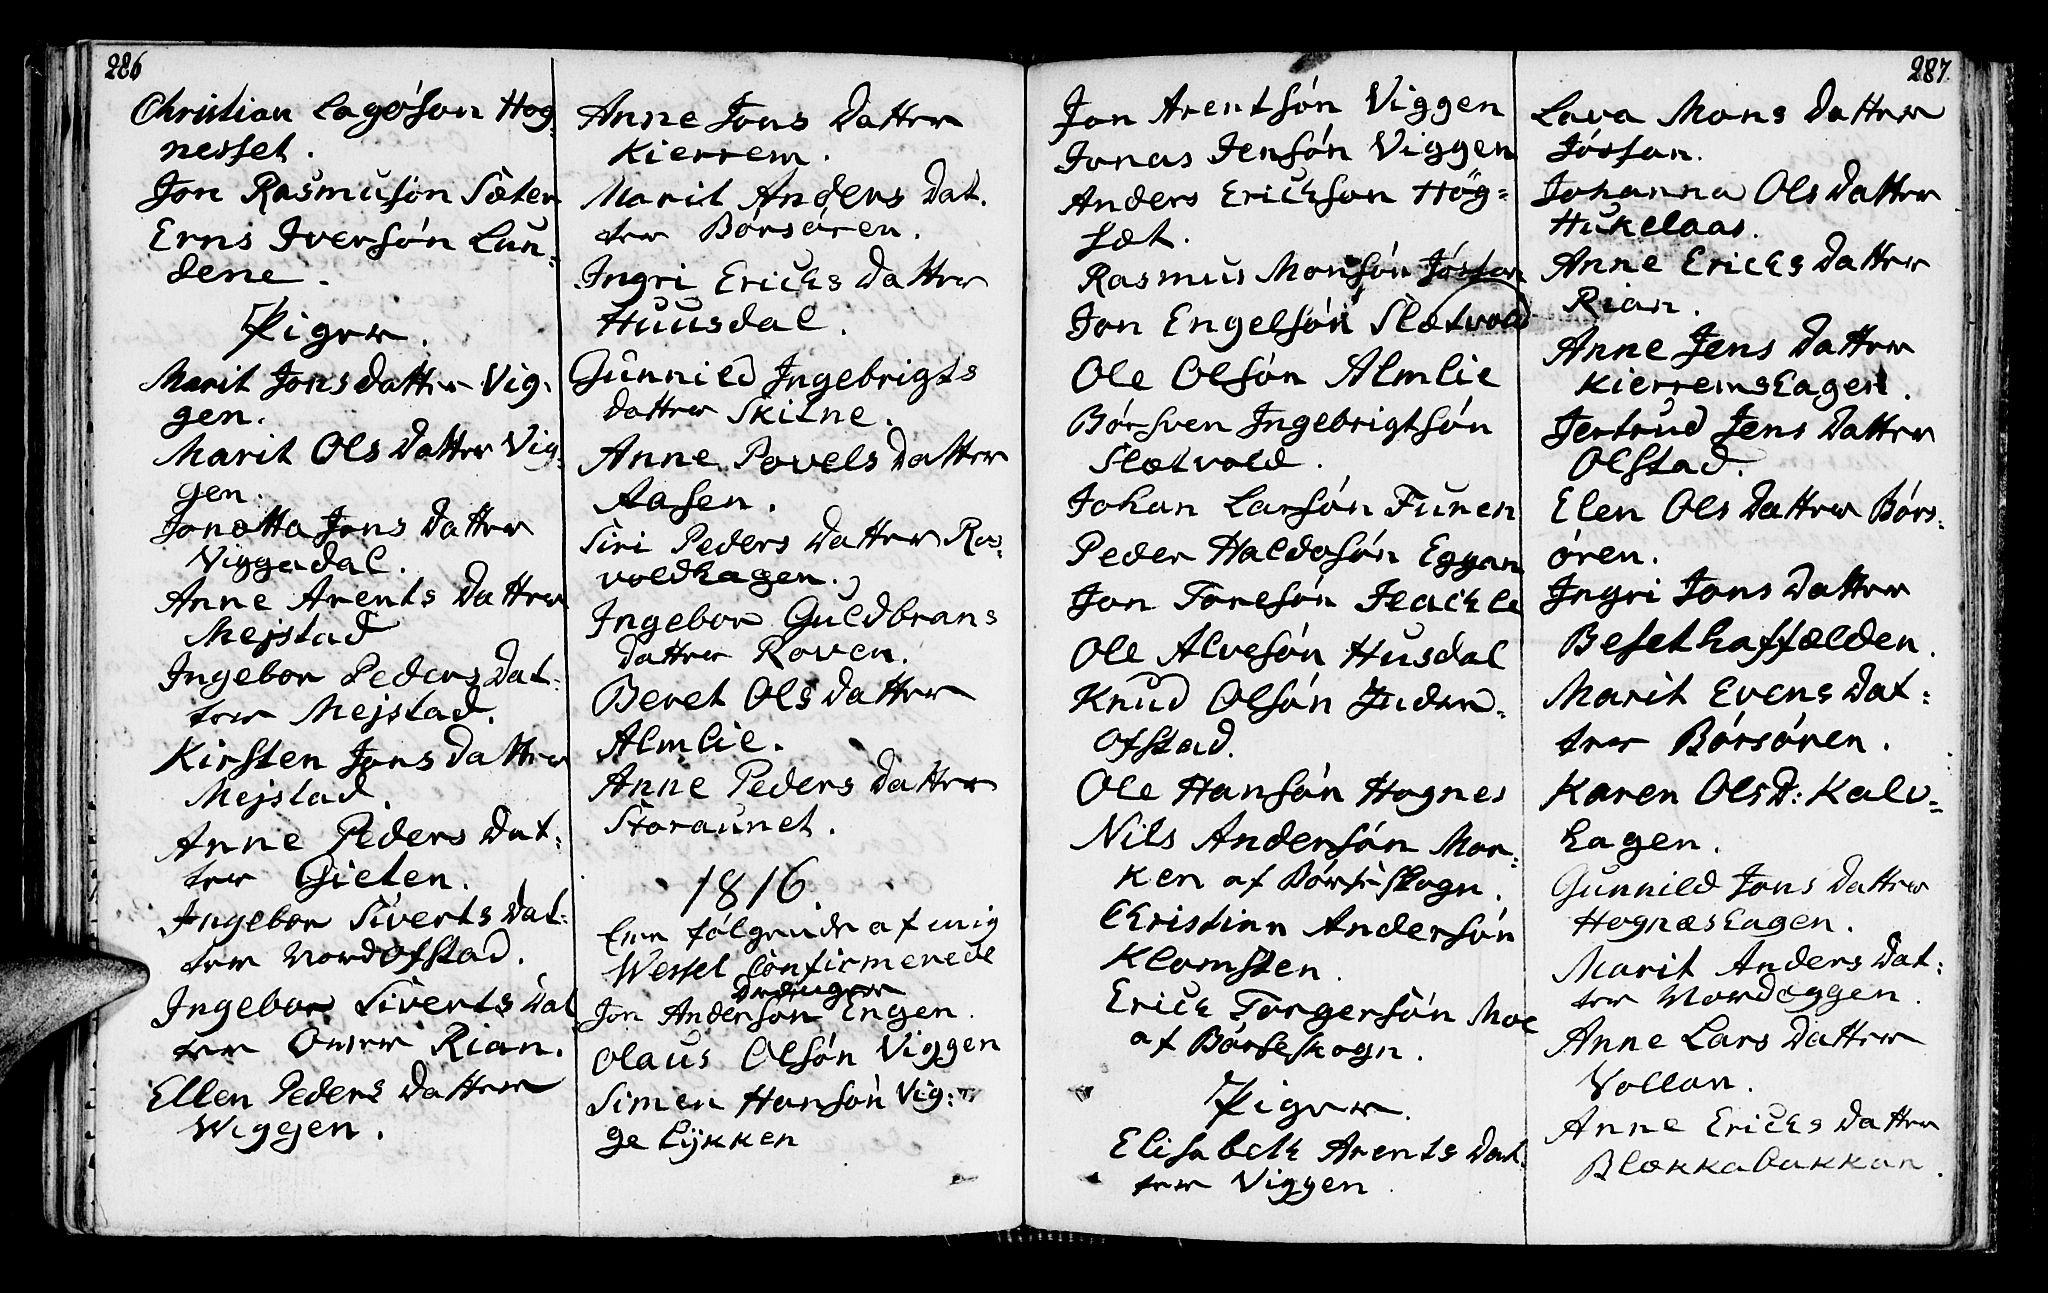 SAT, Ministerialprotokoller, klokkerbøker og fødselsregistre - Sør-Trøndelag, 665/L0769: Ministerialbok nr. 665A04, 1803-1816, s. 286-287